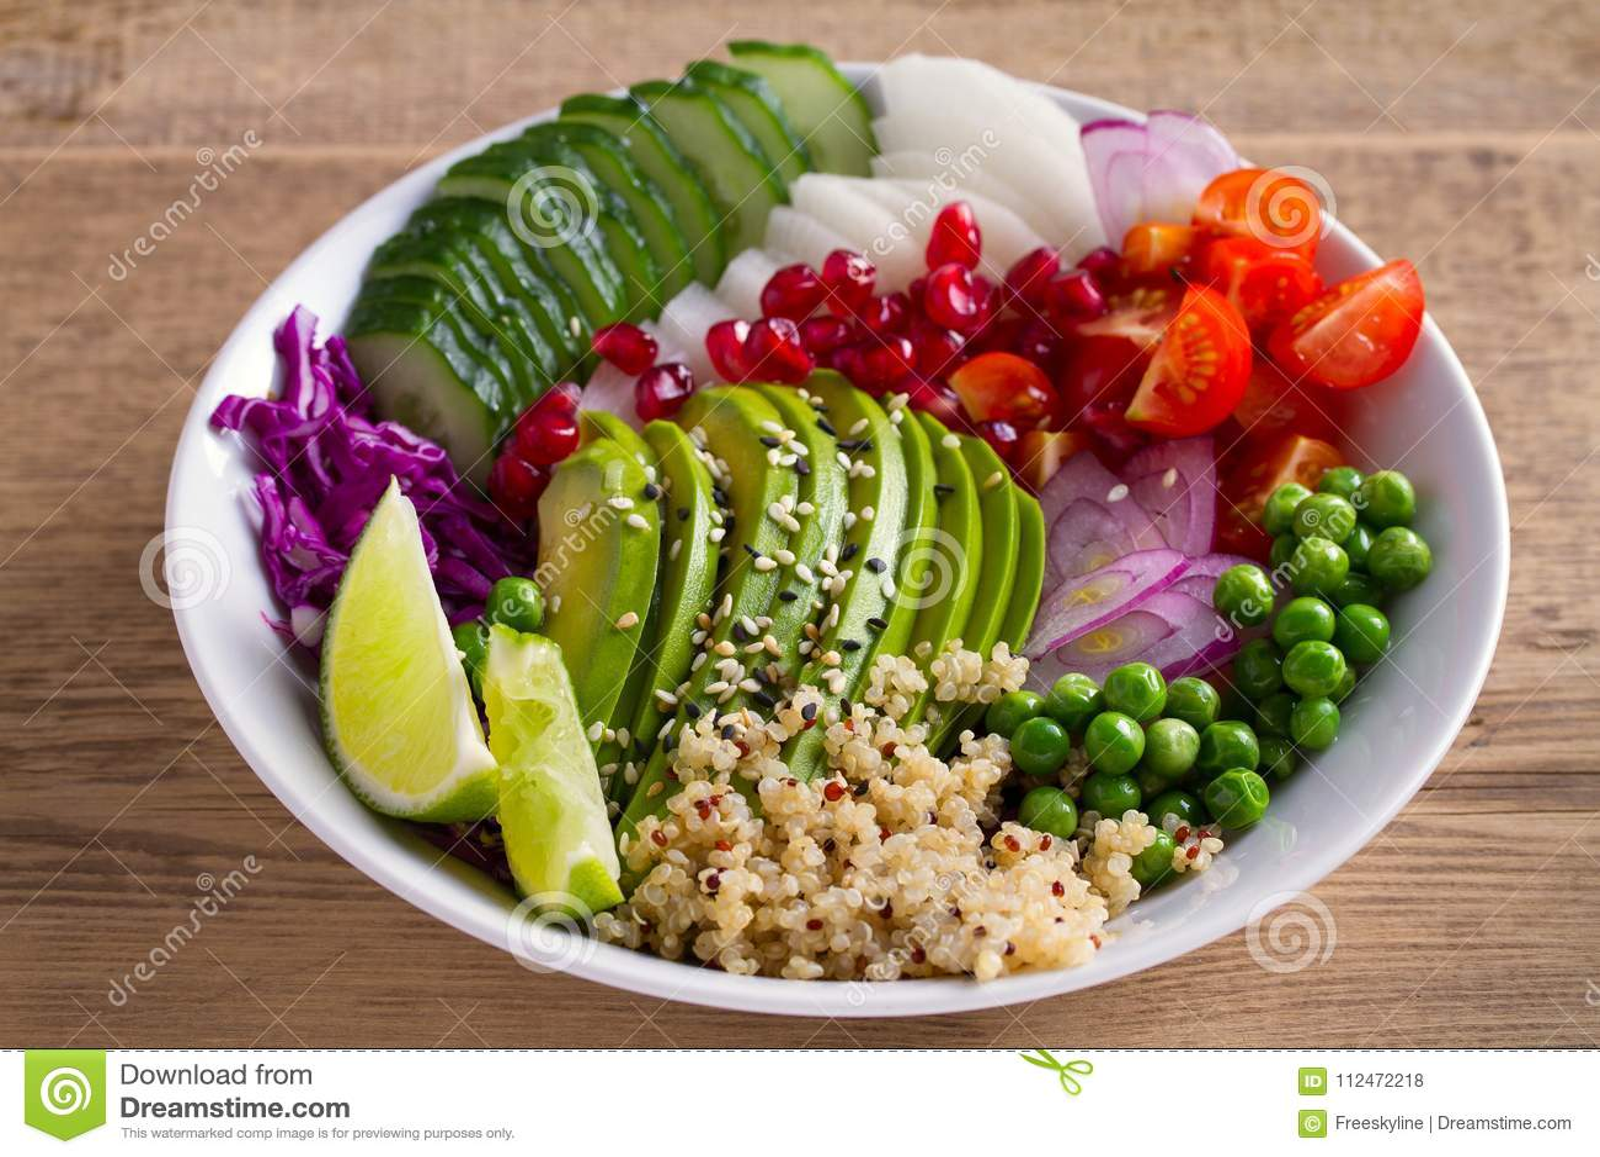 Säubern Sie das gesunde Detoxessen Mittagessenschüssel des strengen Vegetariers und des Vegetariers Quinoa, Avocado, Granatapfel,